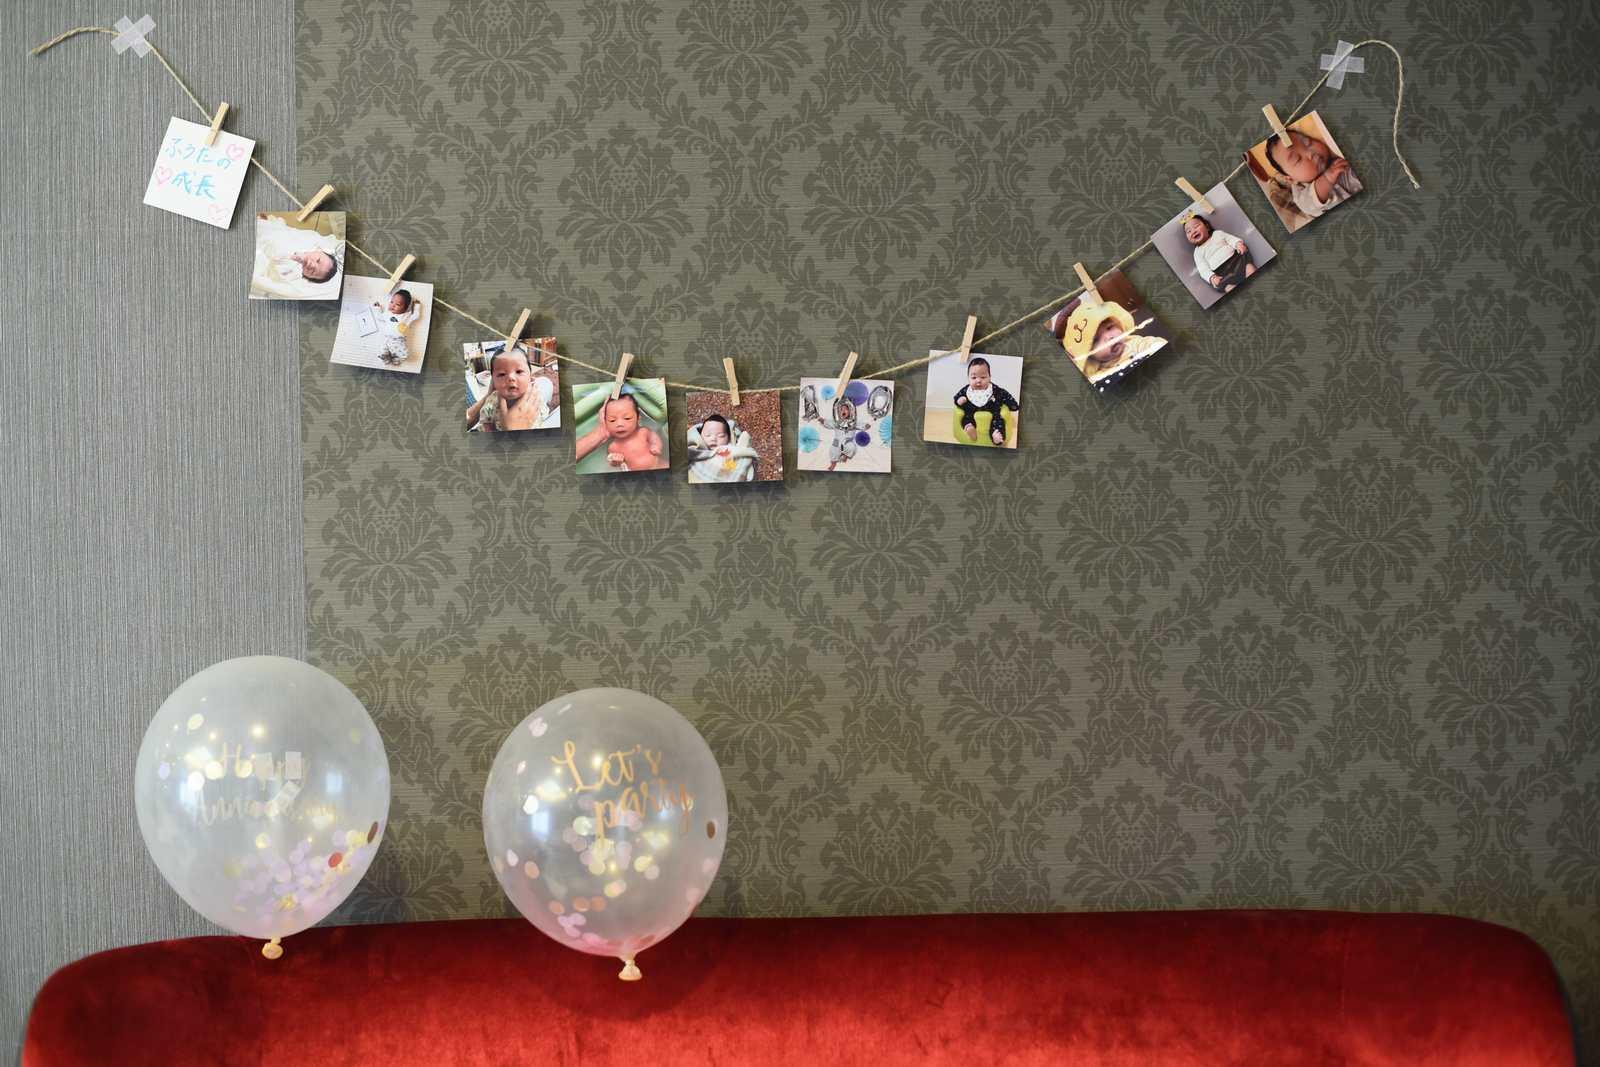 徳島市の結婚式場ブランアンジュの専用ロビーでお気に入りの写真で飾るコーディネート